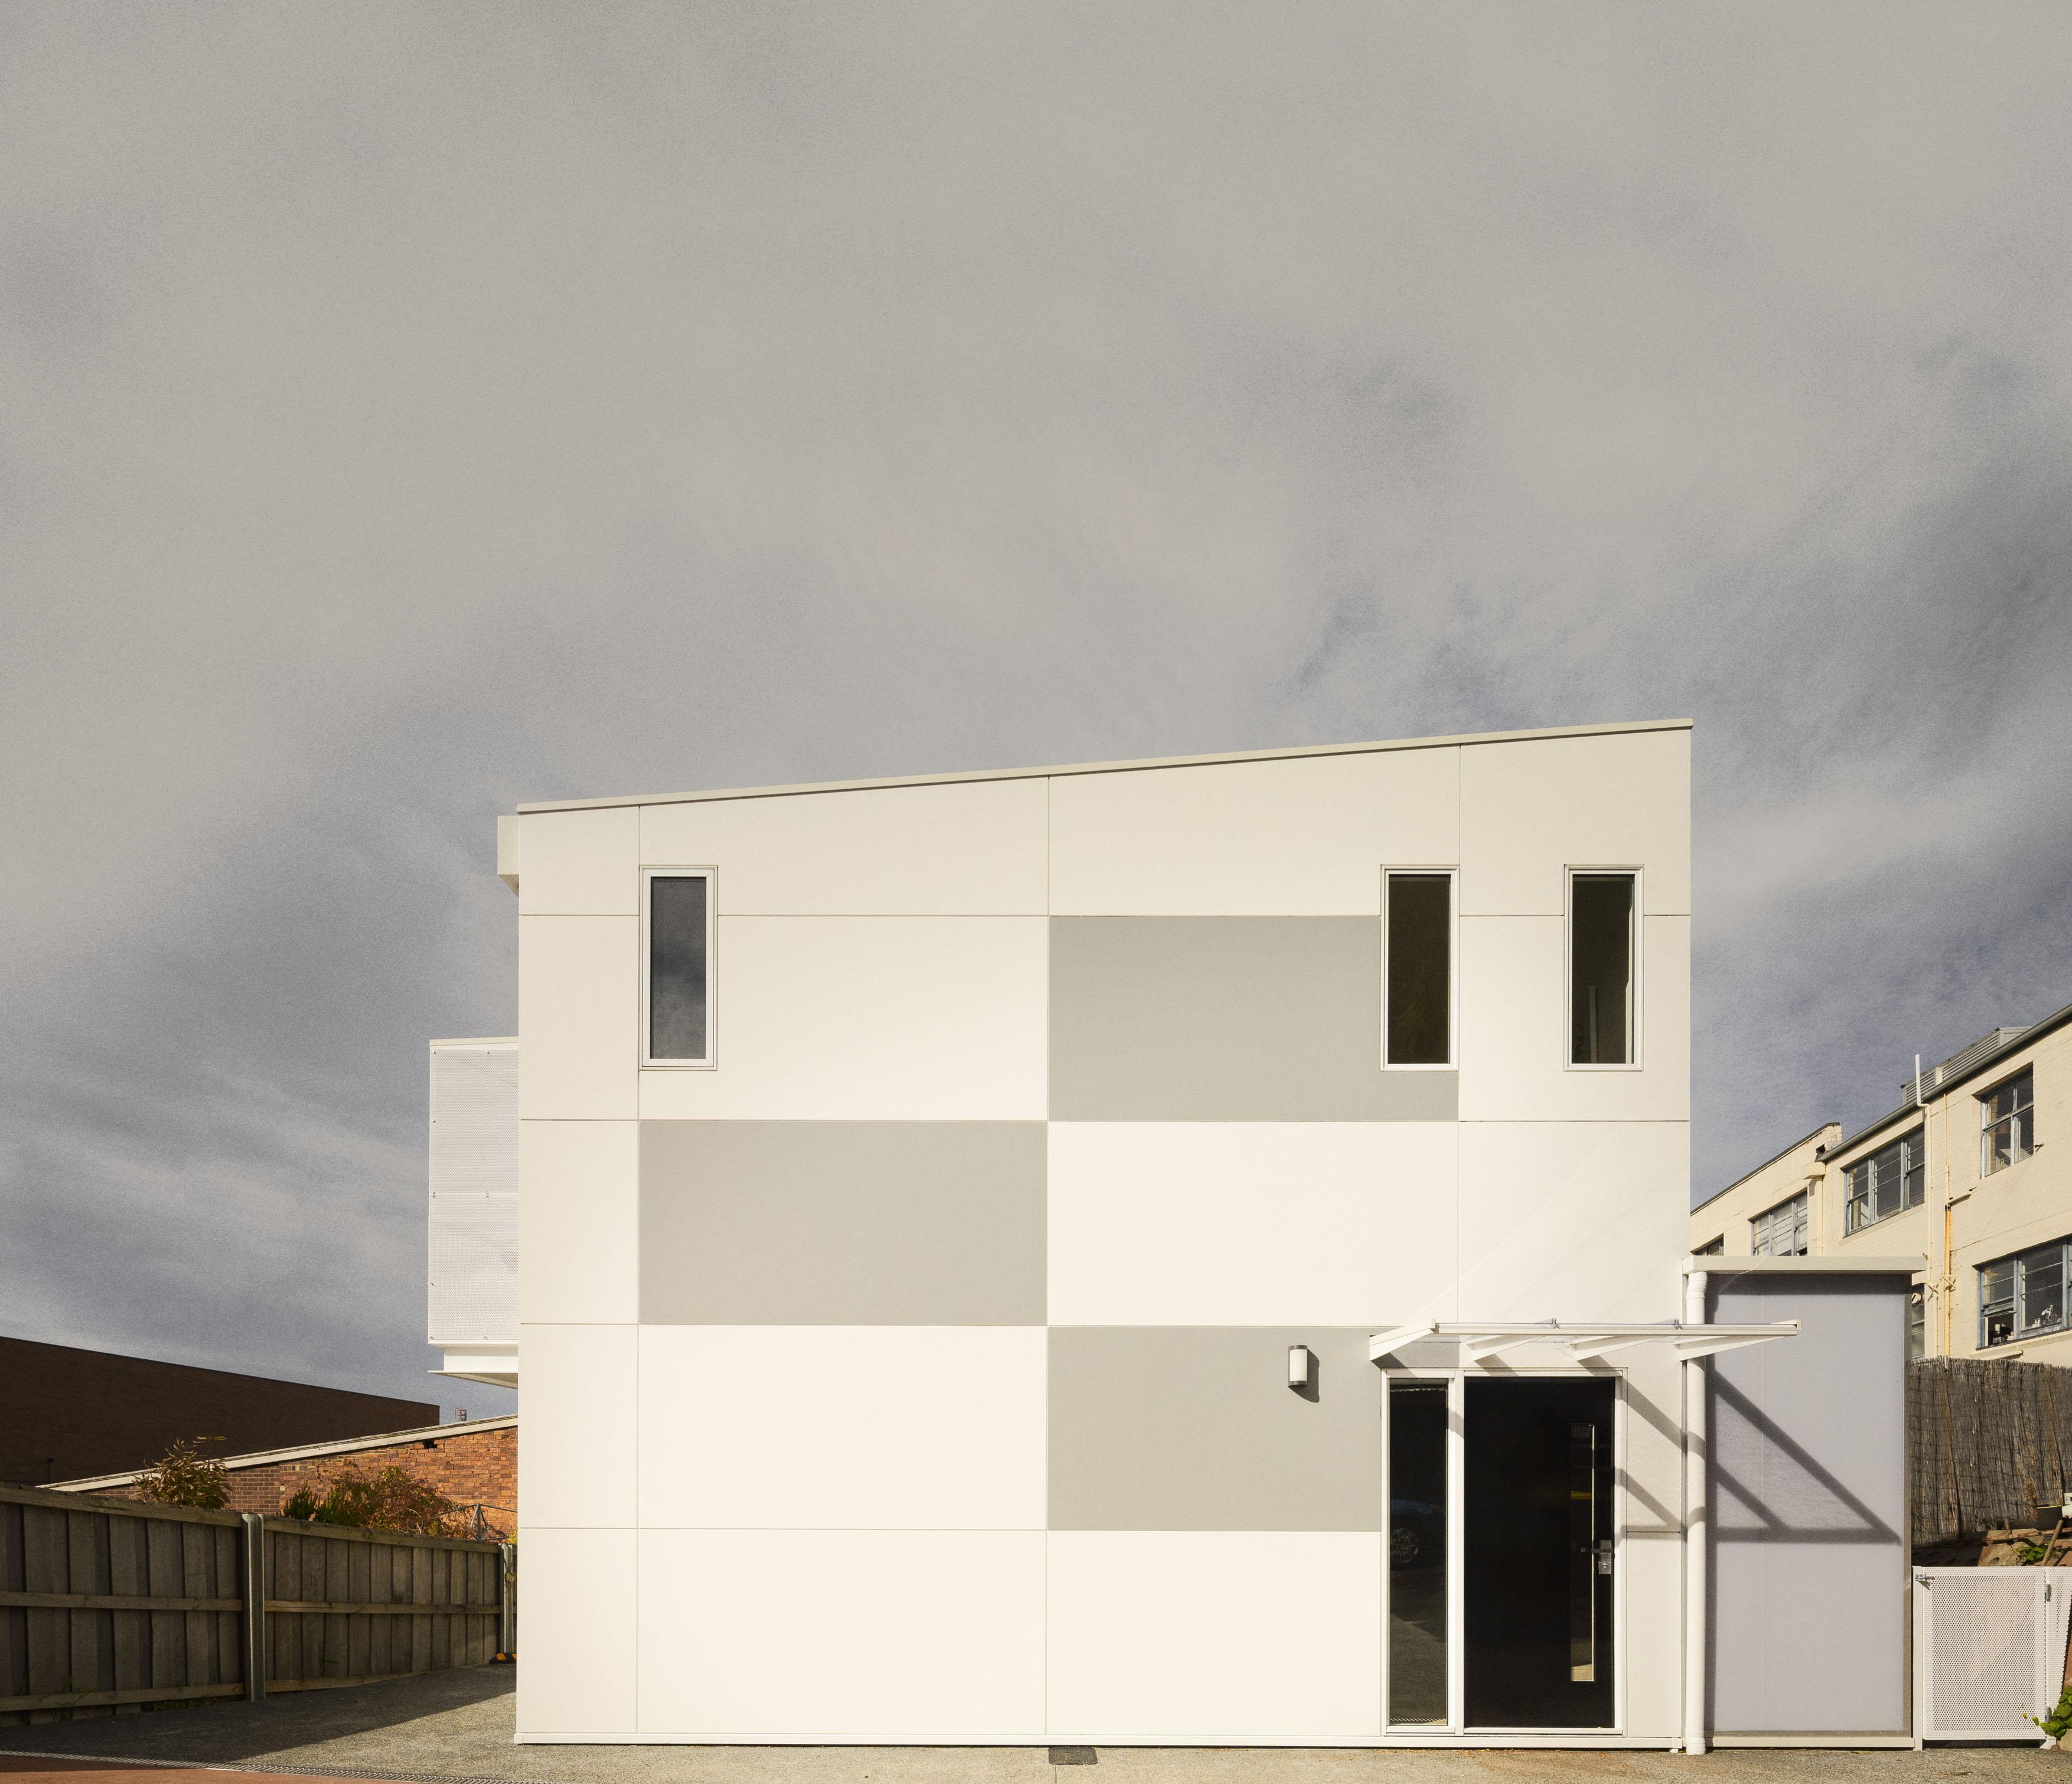 H2O-Architects-Melbourne-Australia-Whitton House-02.jpg